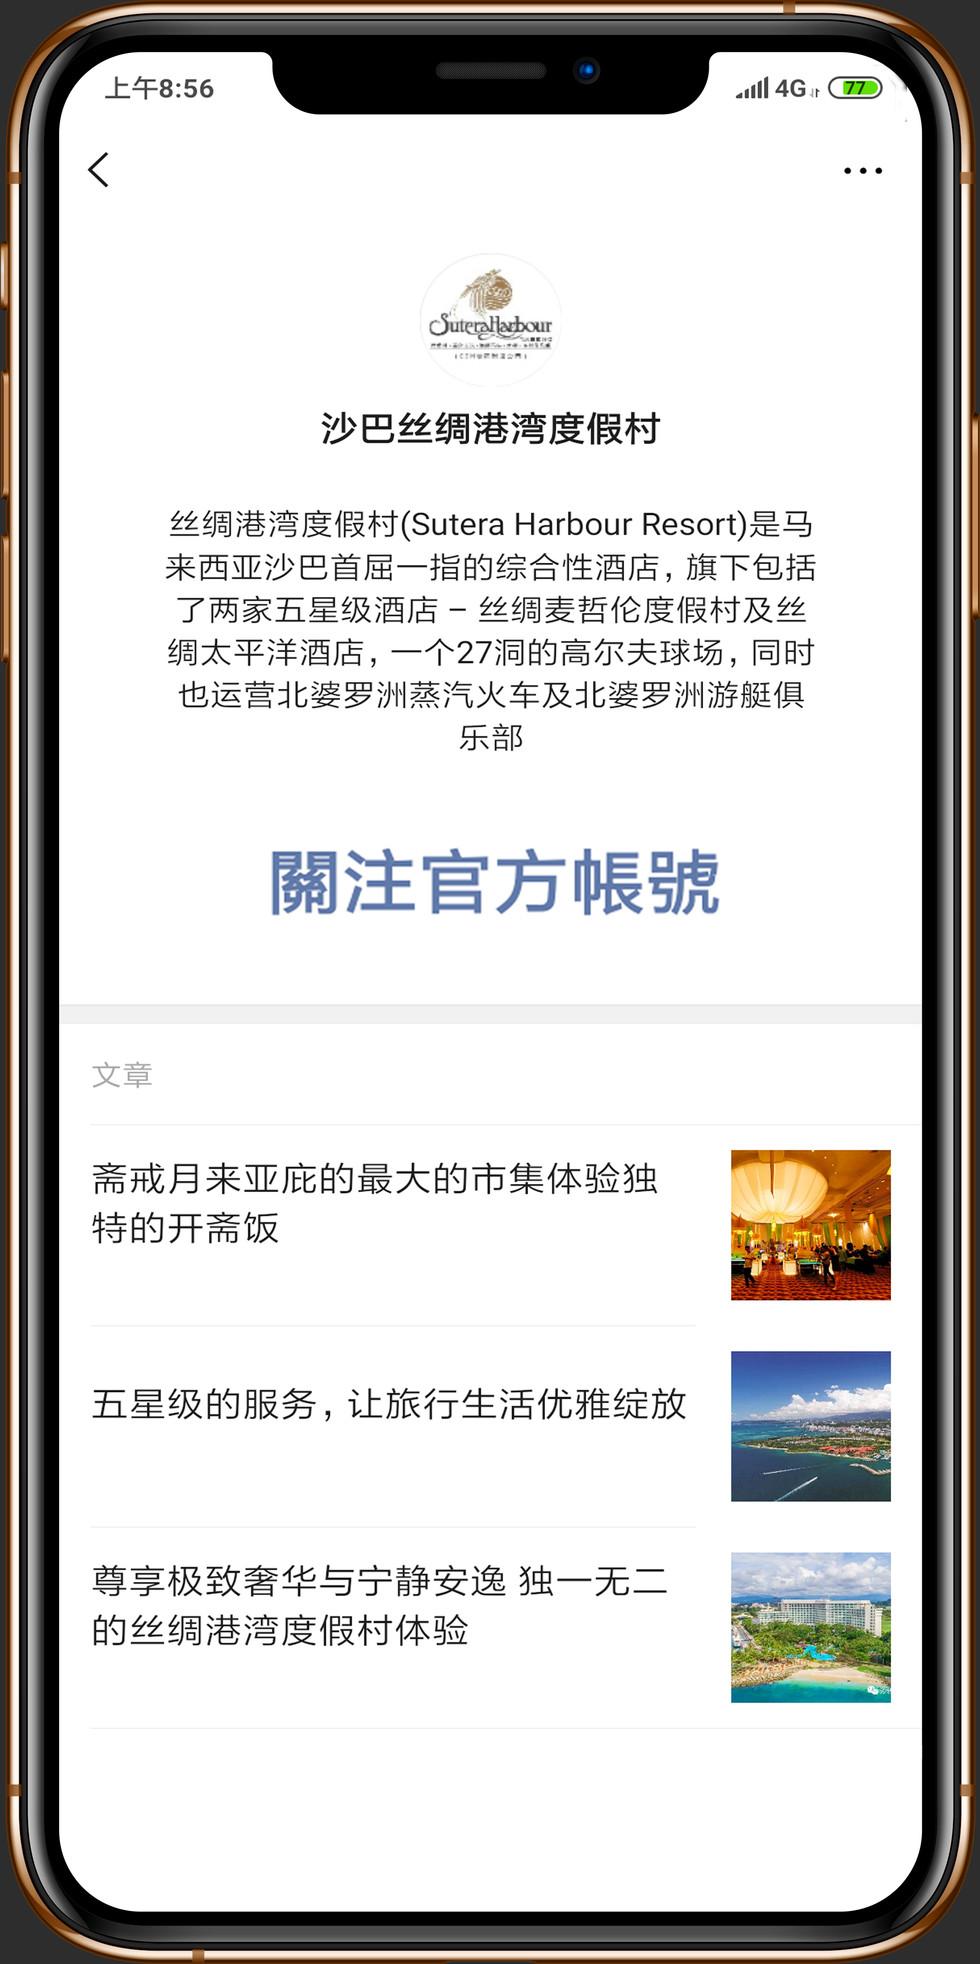 Let's WeChat!